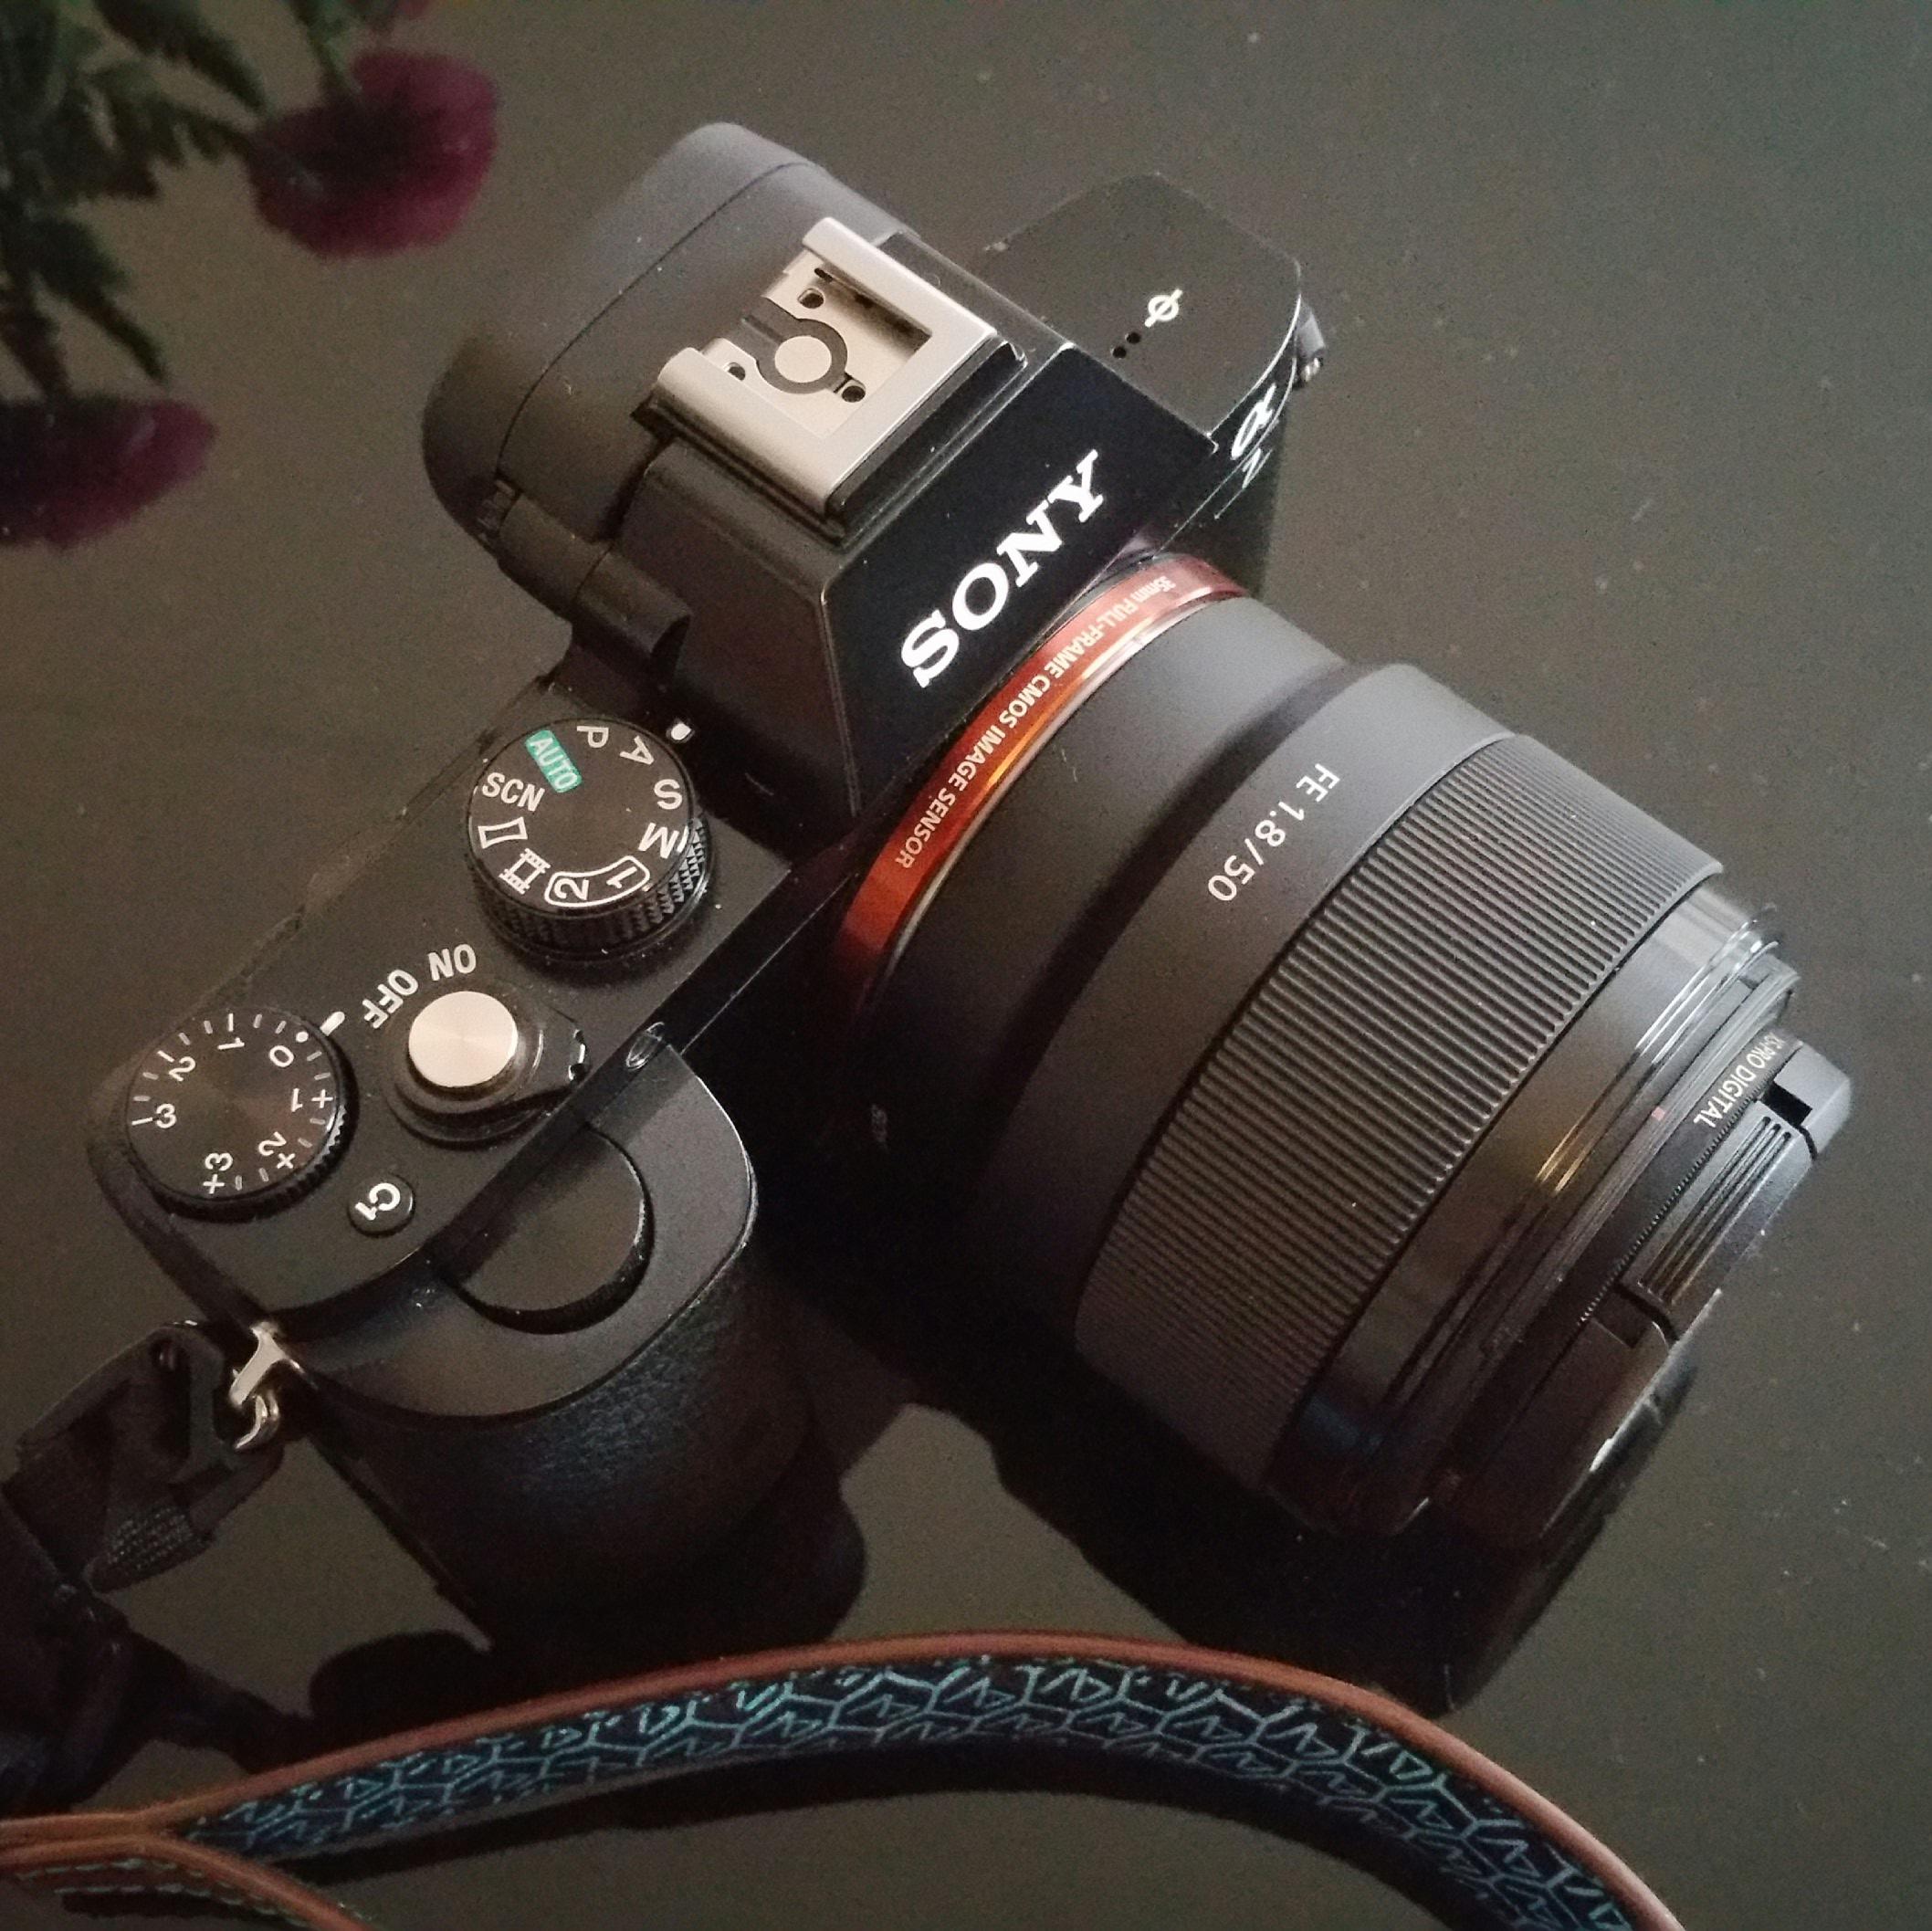 Hướng dẫn bảo quản ống kính máy ảnh đúng cách